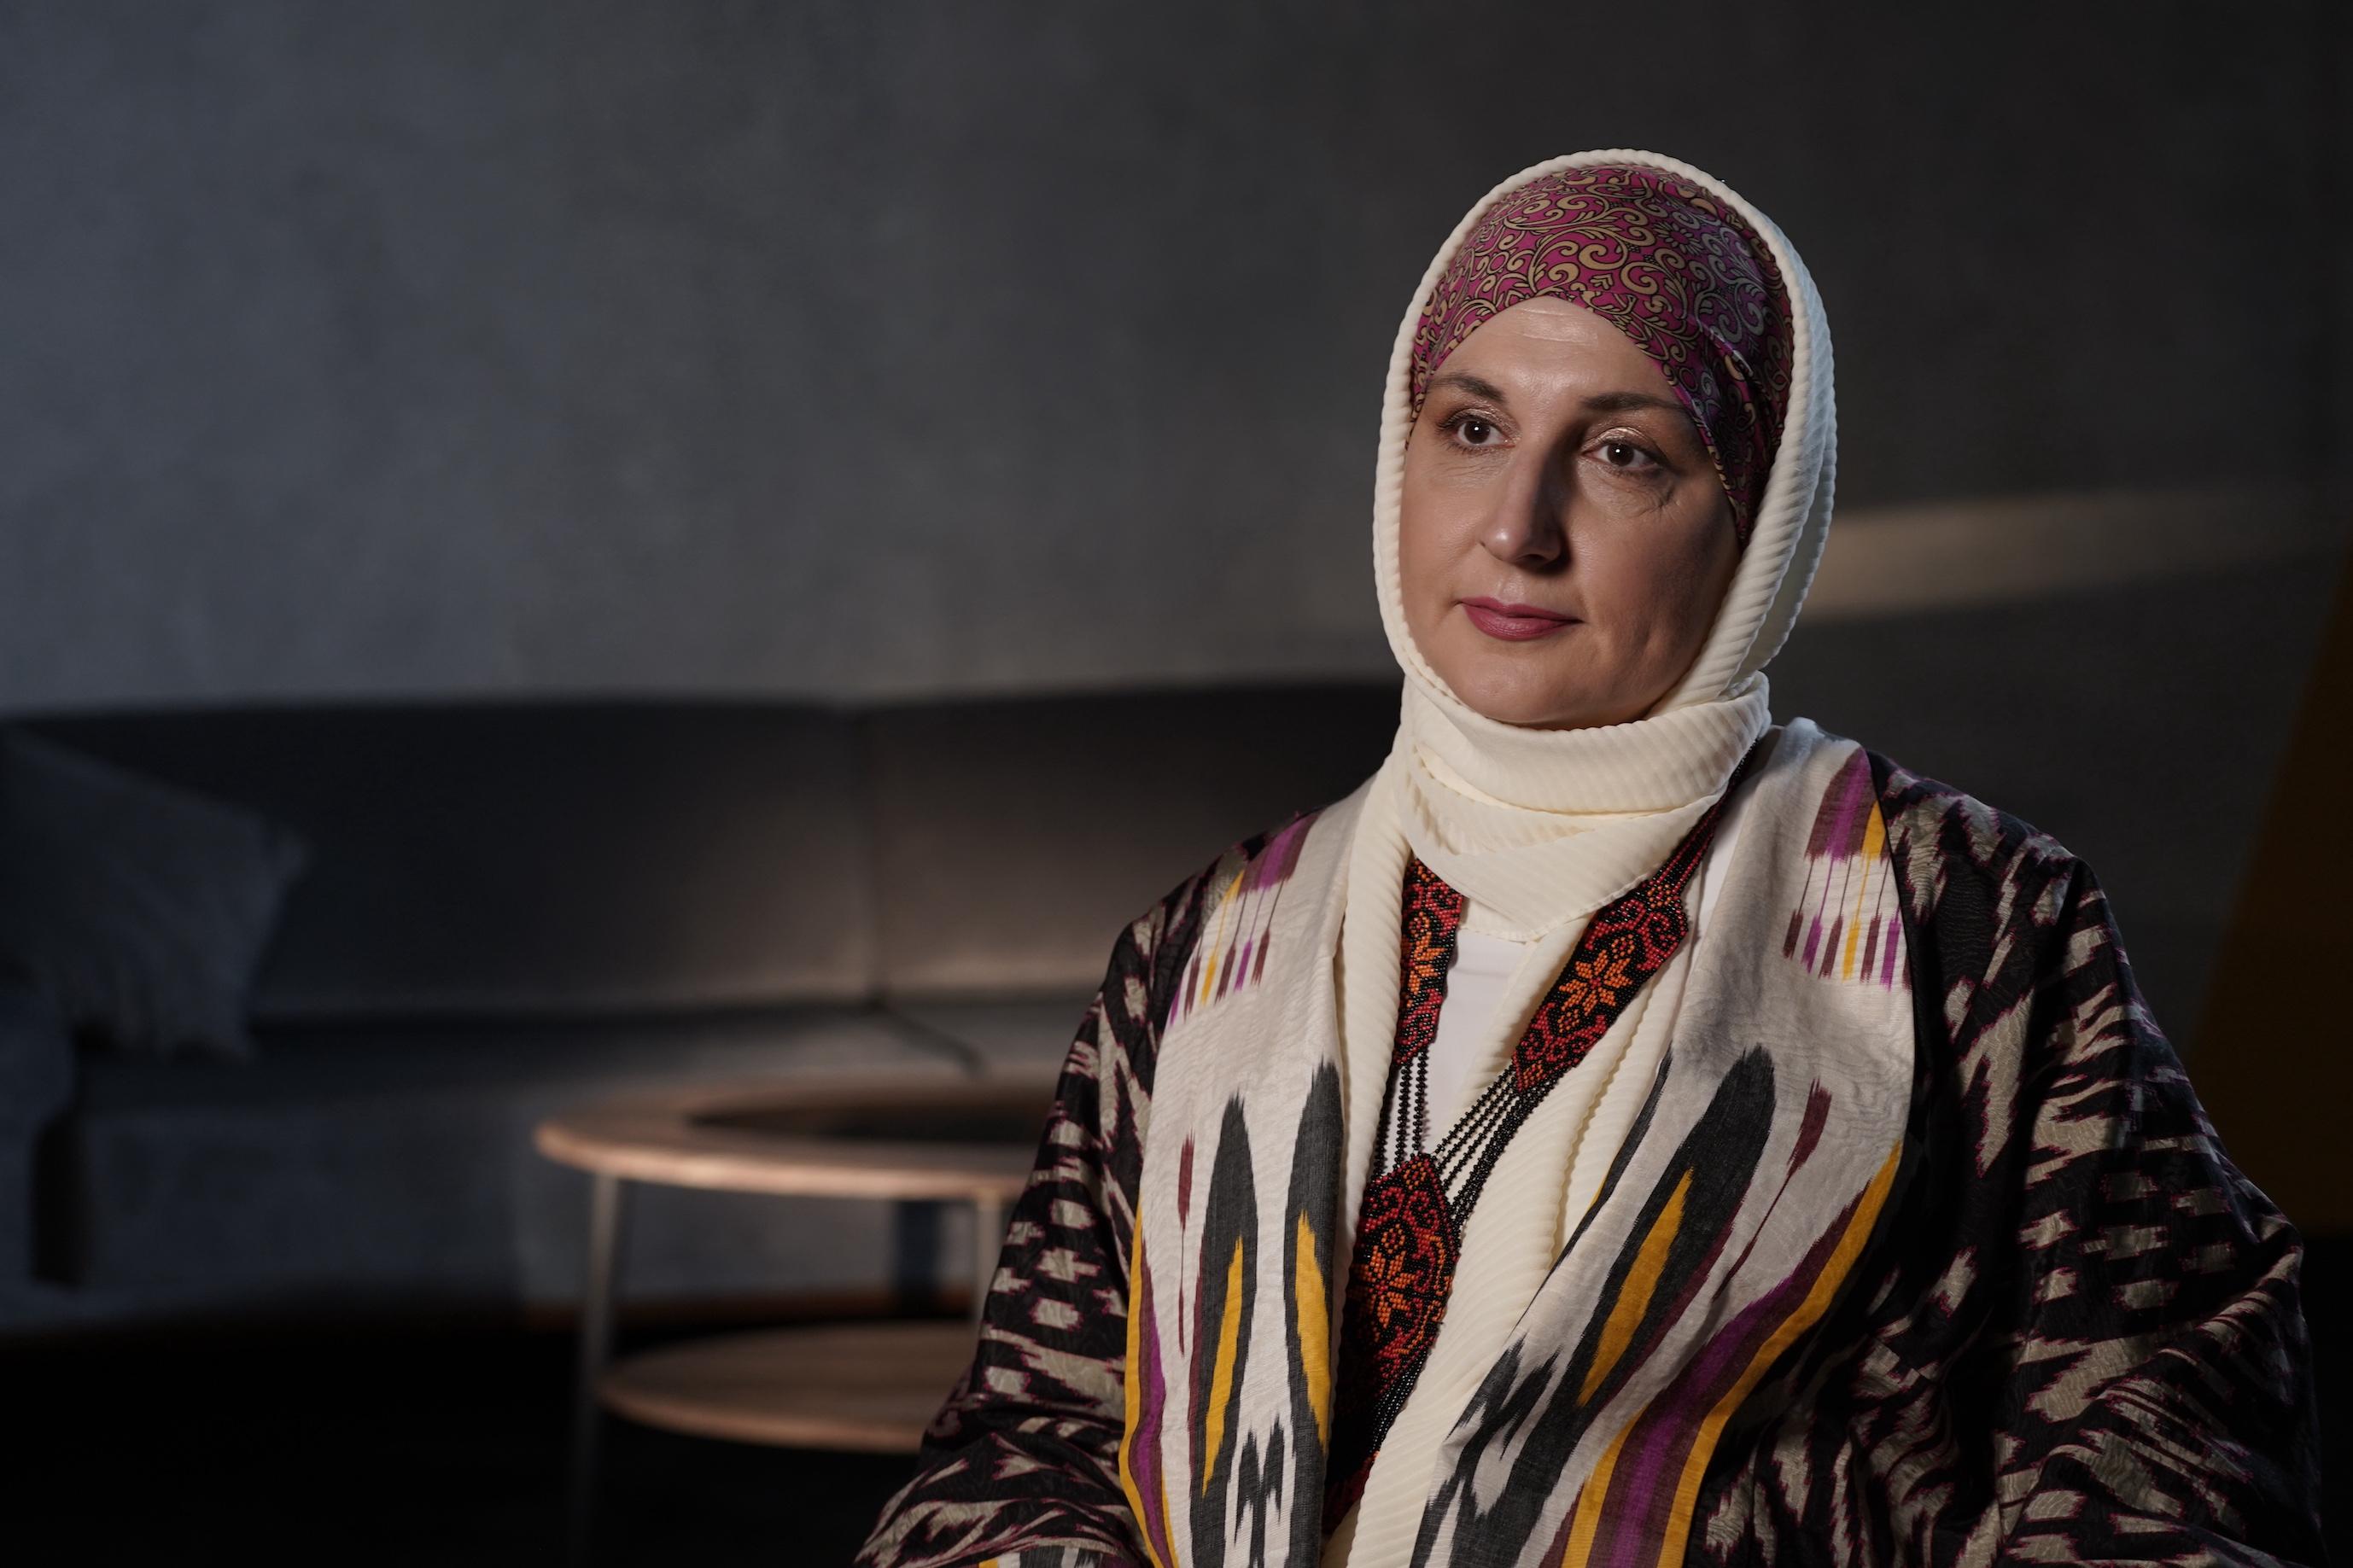 Психология для мусульман | Интервью Ольги Павловой